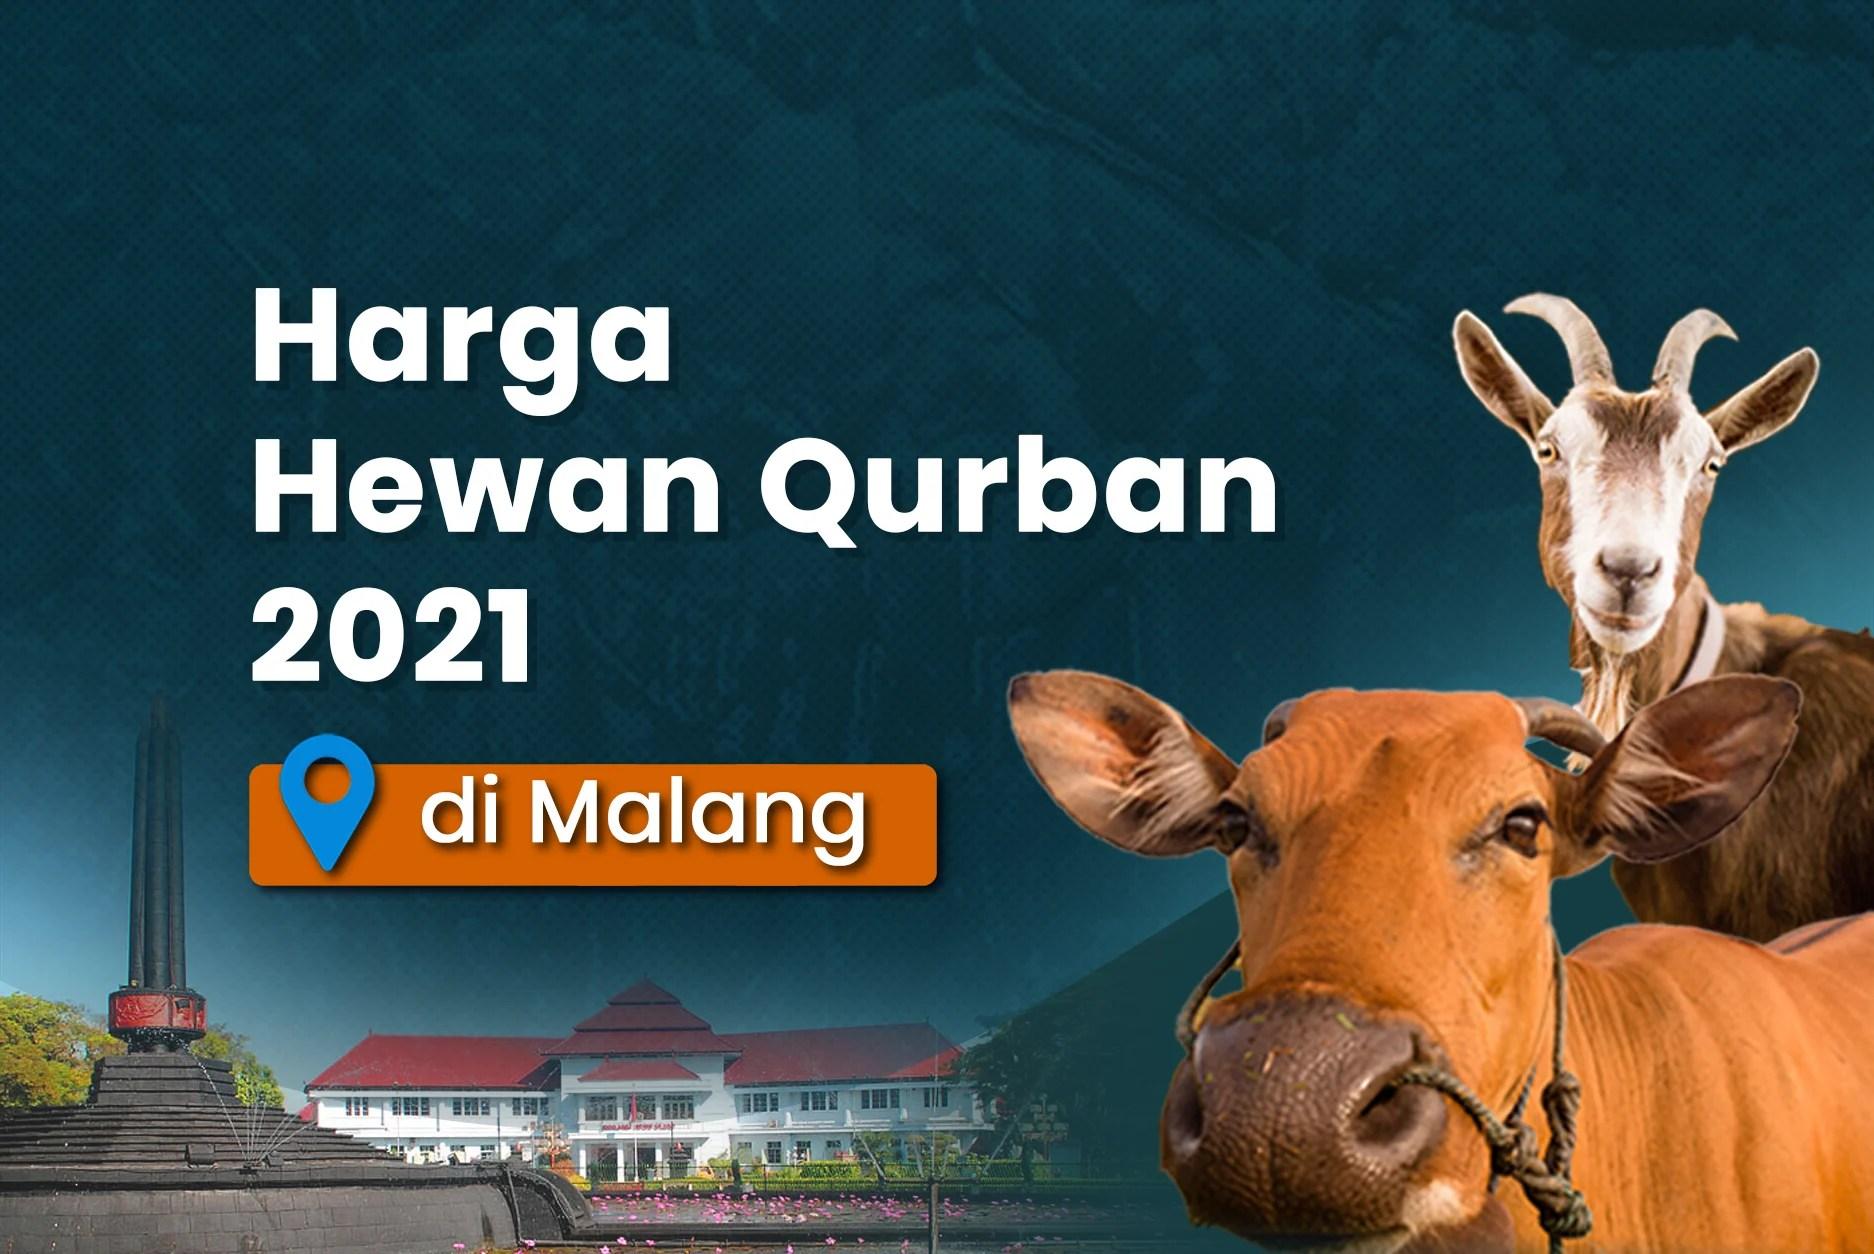 Di bawah ini adalah harga standar sapi qurban di wilayah purwakarta,. Harga Hewan Qurban 2021 di Malang   Kitabisa.com